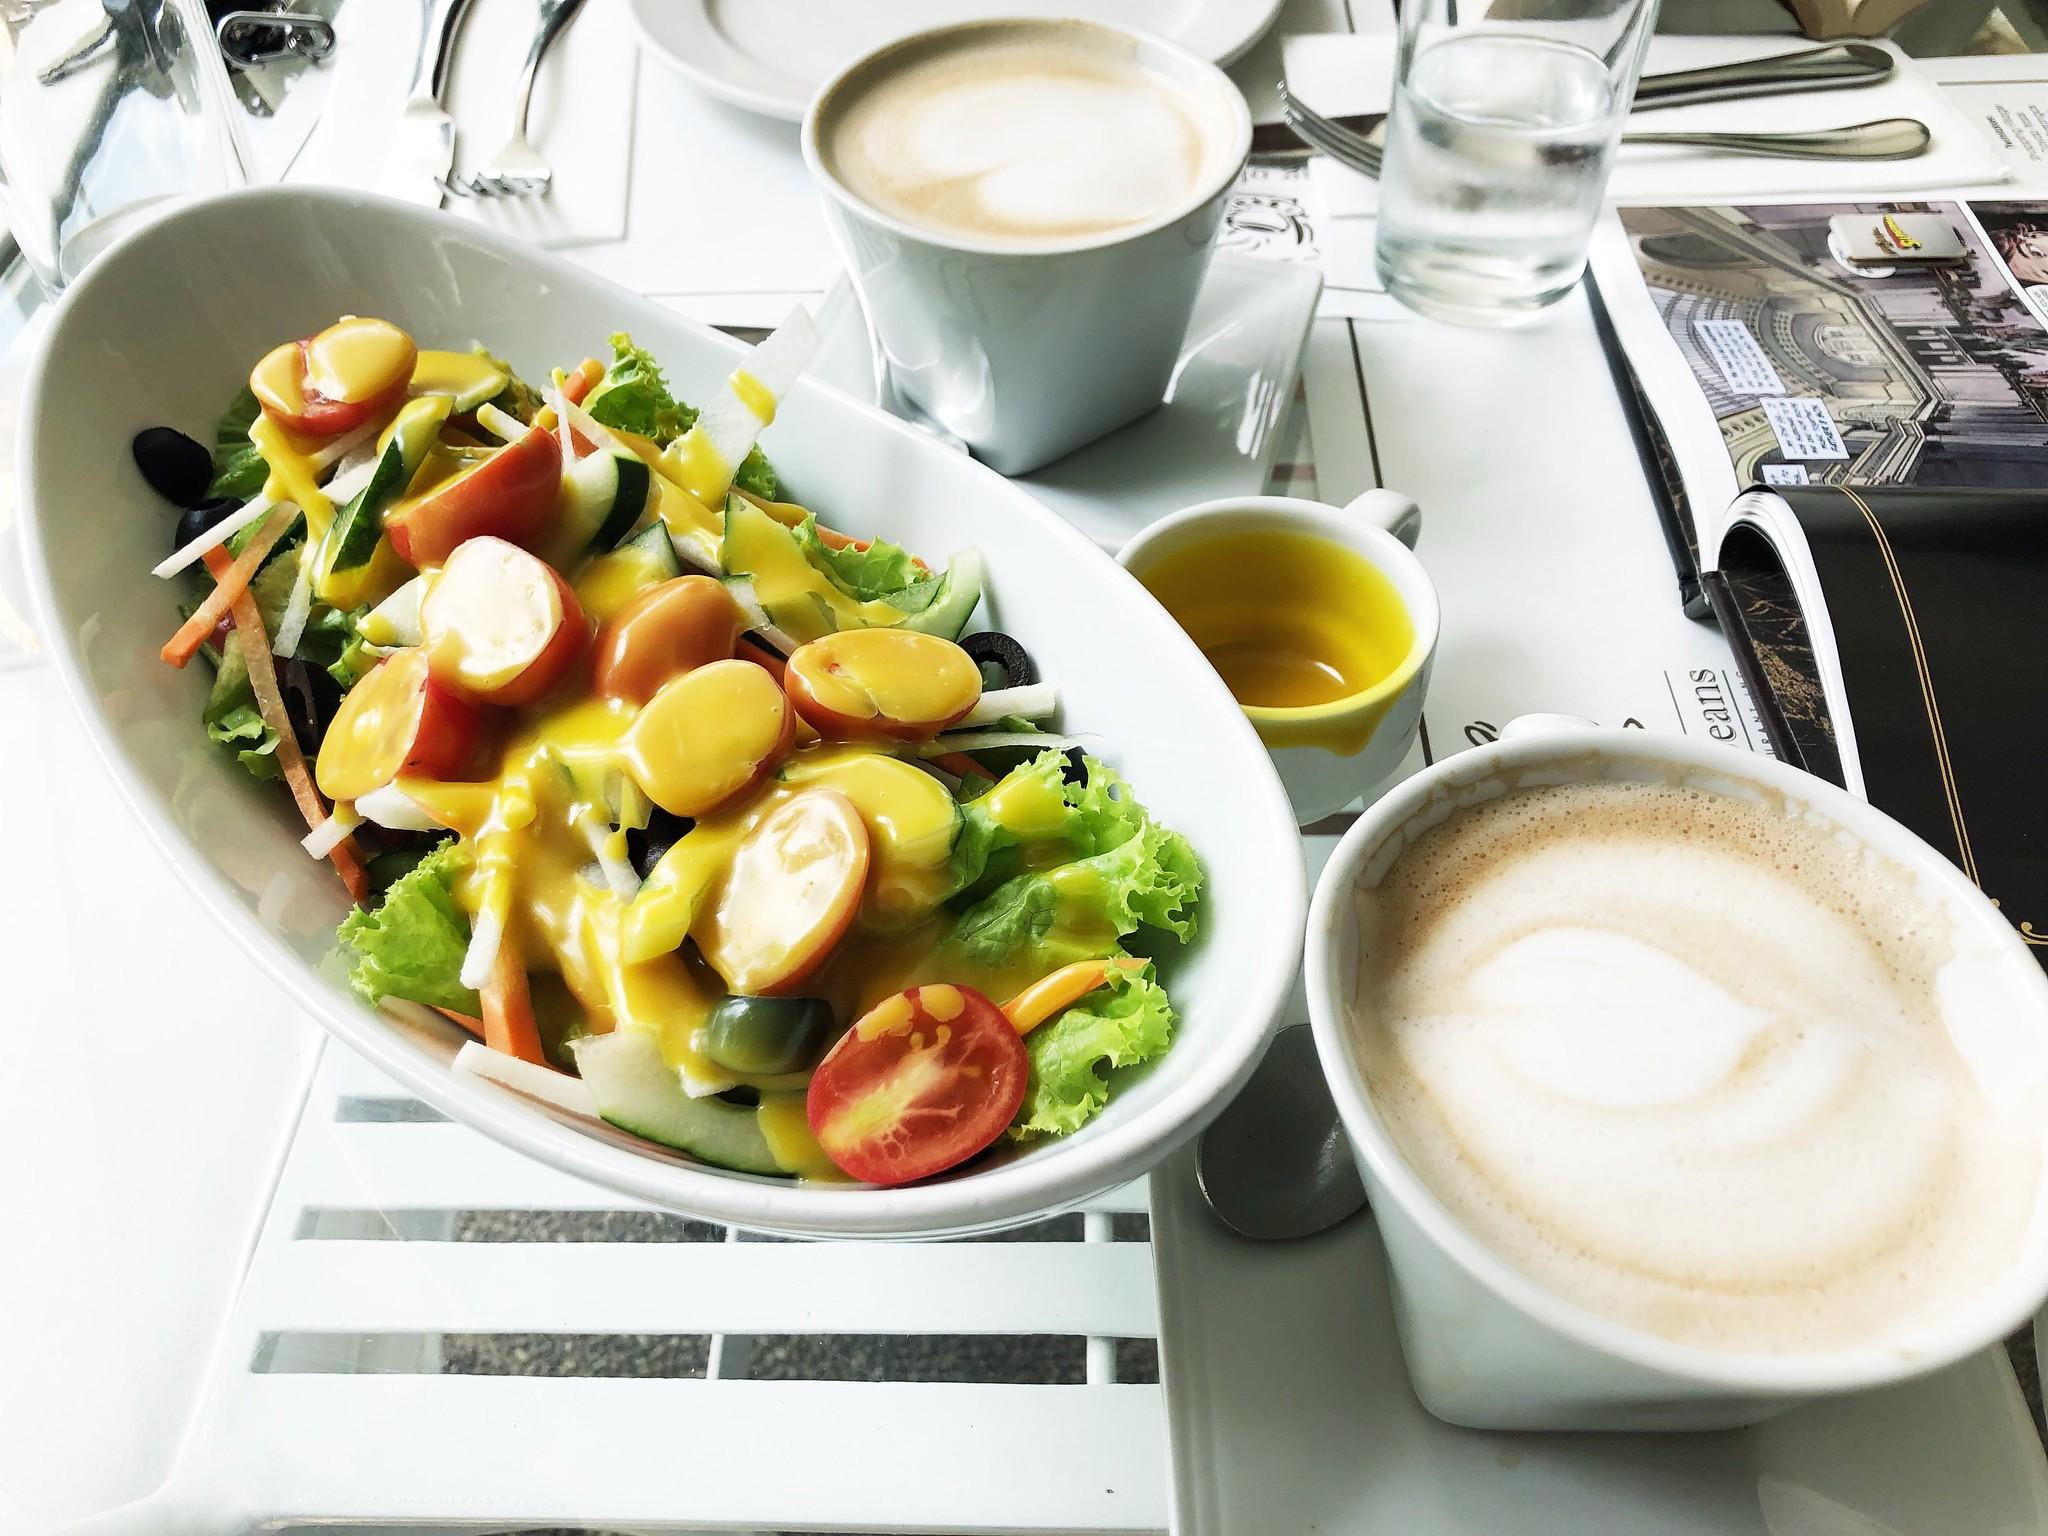 Cẩm nang ăn uống ở Tagaytay - garden salad